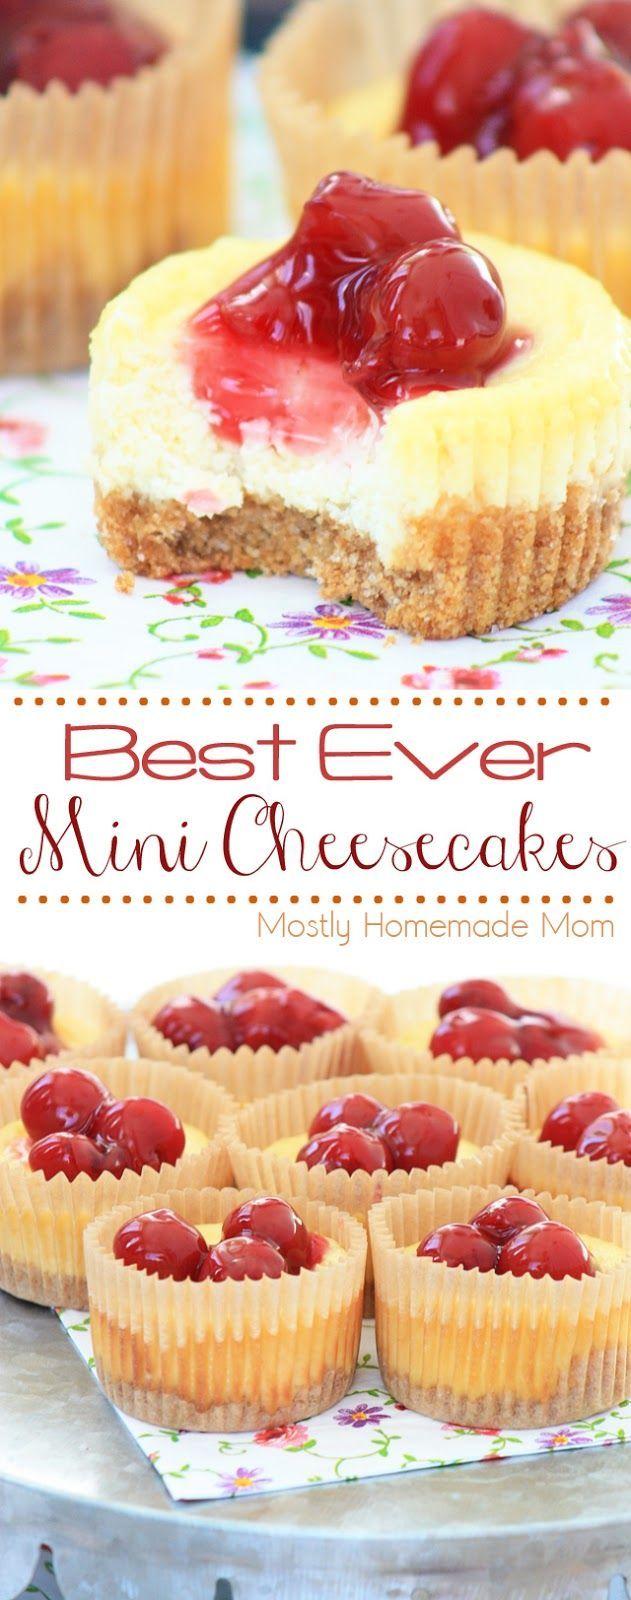 DAS BESTE Rezept für Mini-Käsekuchen! Meine Kinder bitten mich, diese wieder zu machen …   – {Mostly} Homemade Mom Recipe Box